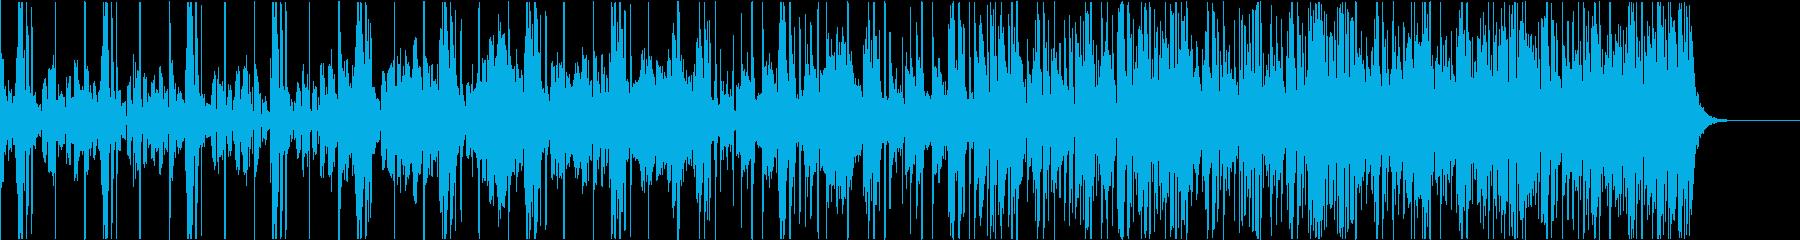 スタイリッシュ・クールなエレクトロニカ の再生済みの波形